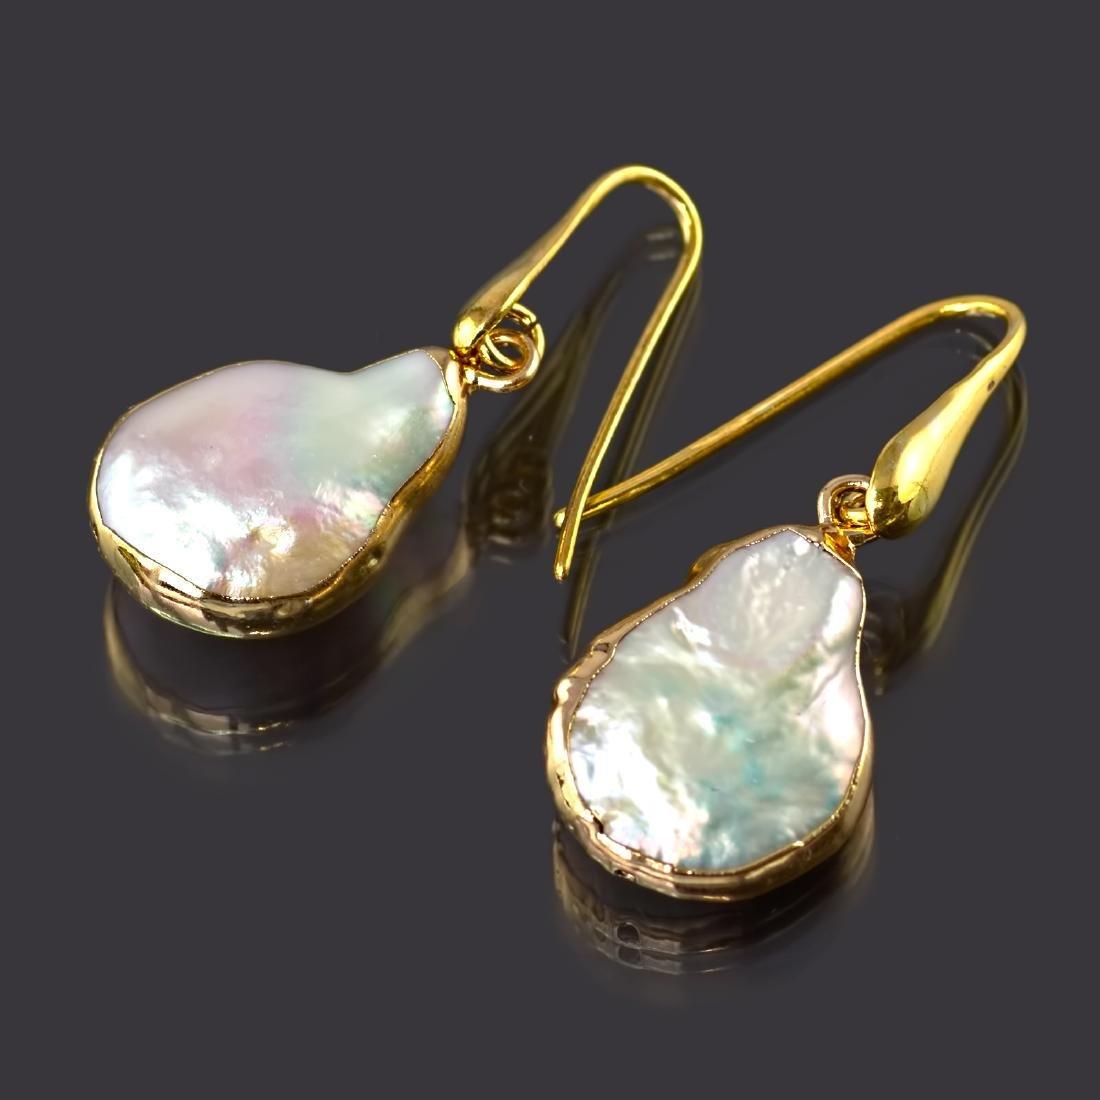 Biwa Keshi Pearl Earrings